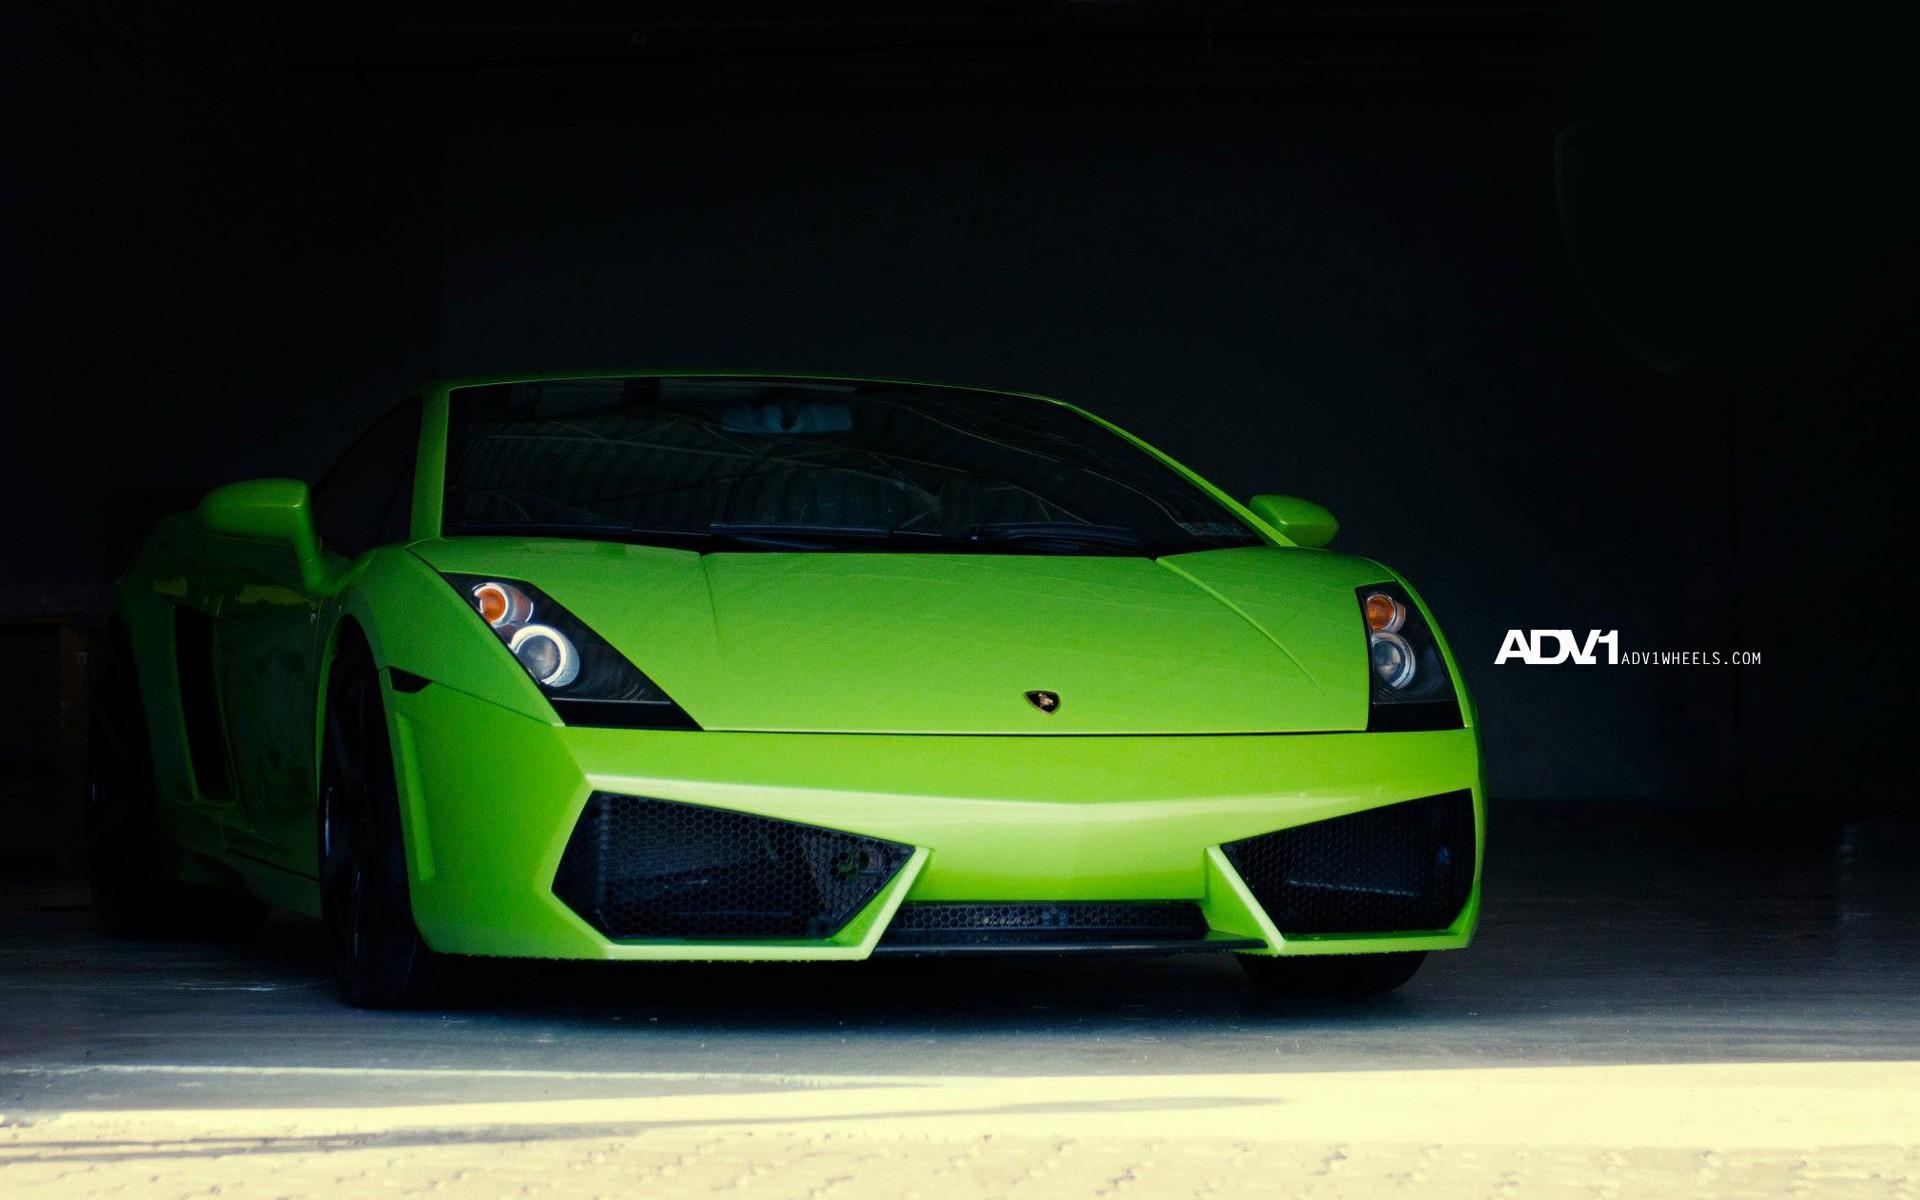 Lamborghini Gallardo Adv5 Track Spec Wallpaper Hd Car